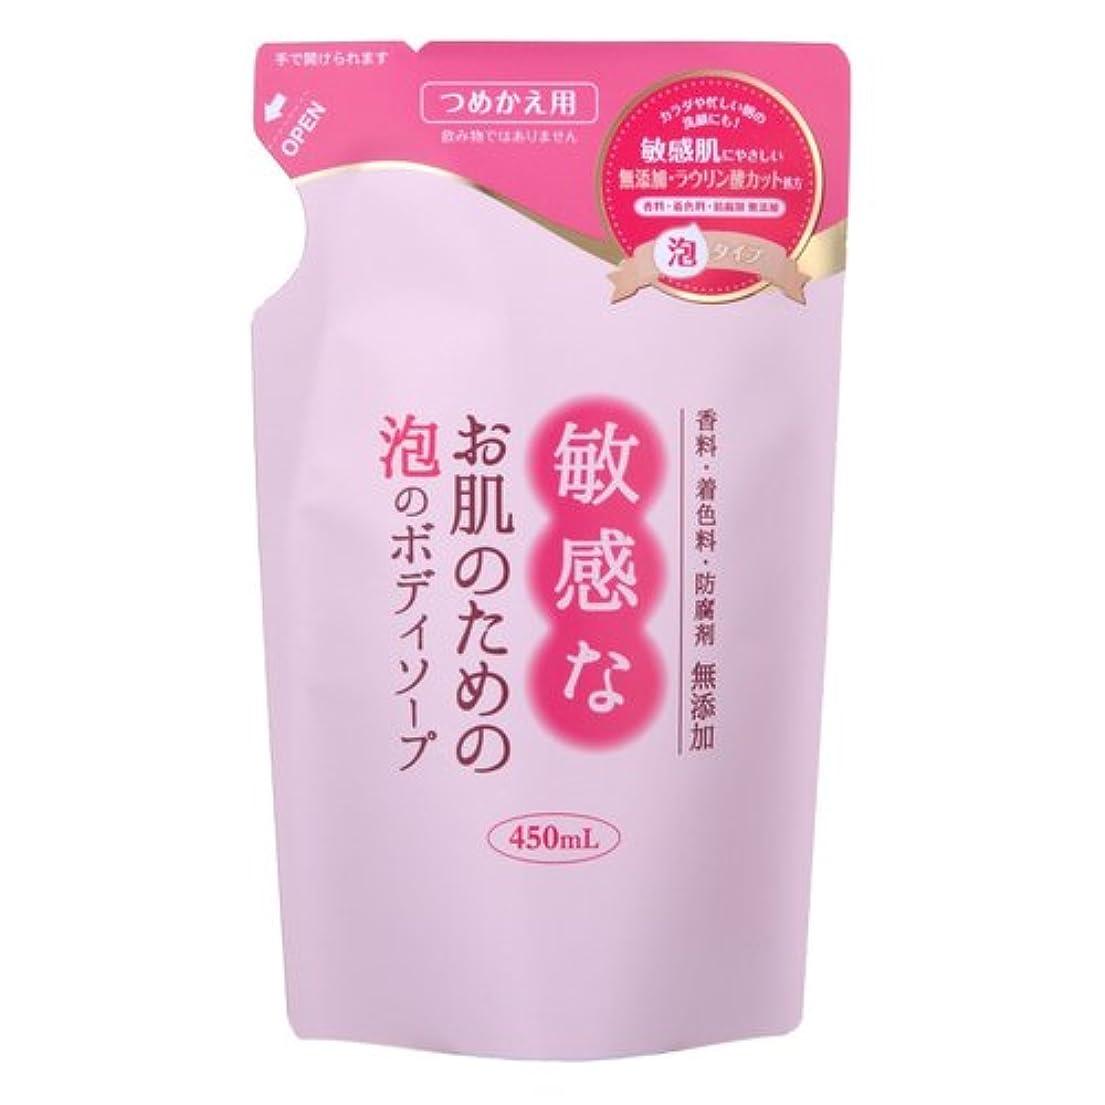 パトロン甘やかす全体に敏感なお肌のための泡のボディソープ 詰替 450mL CBH-FBR